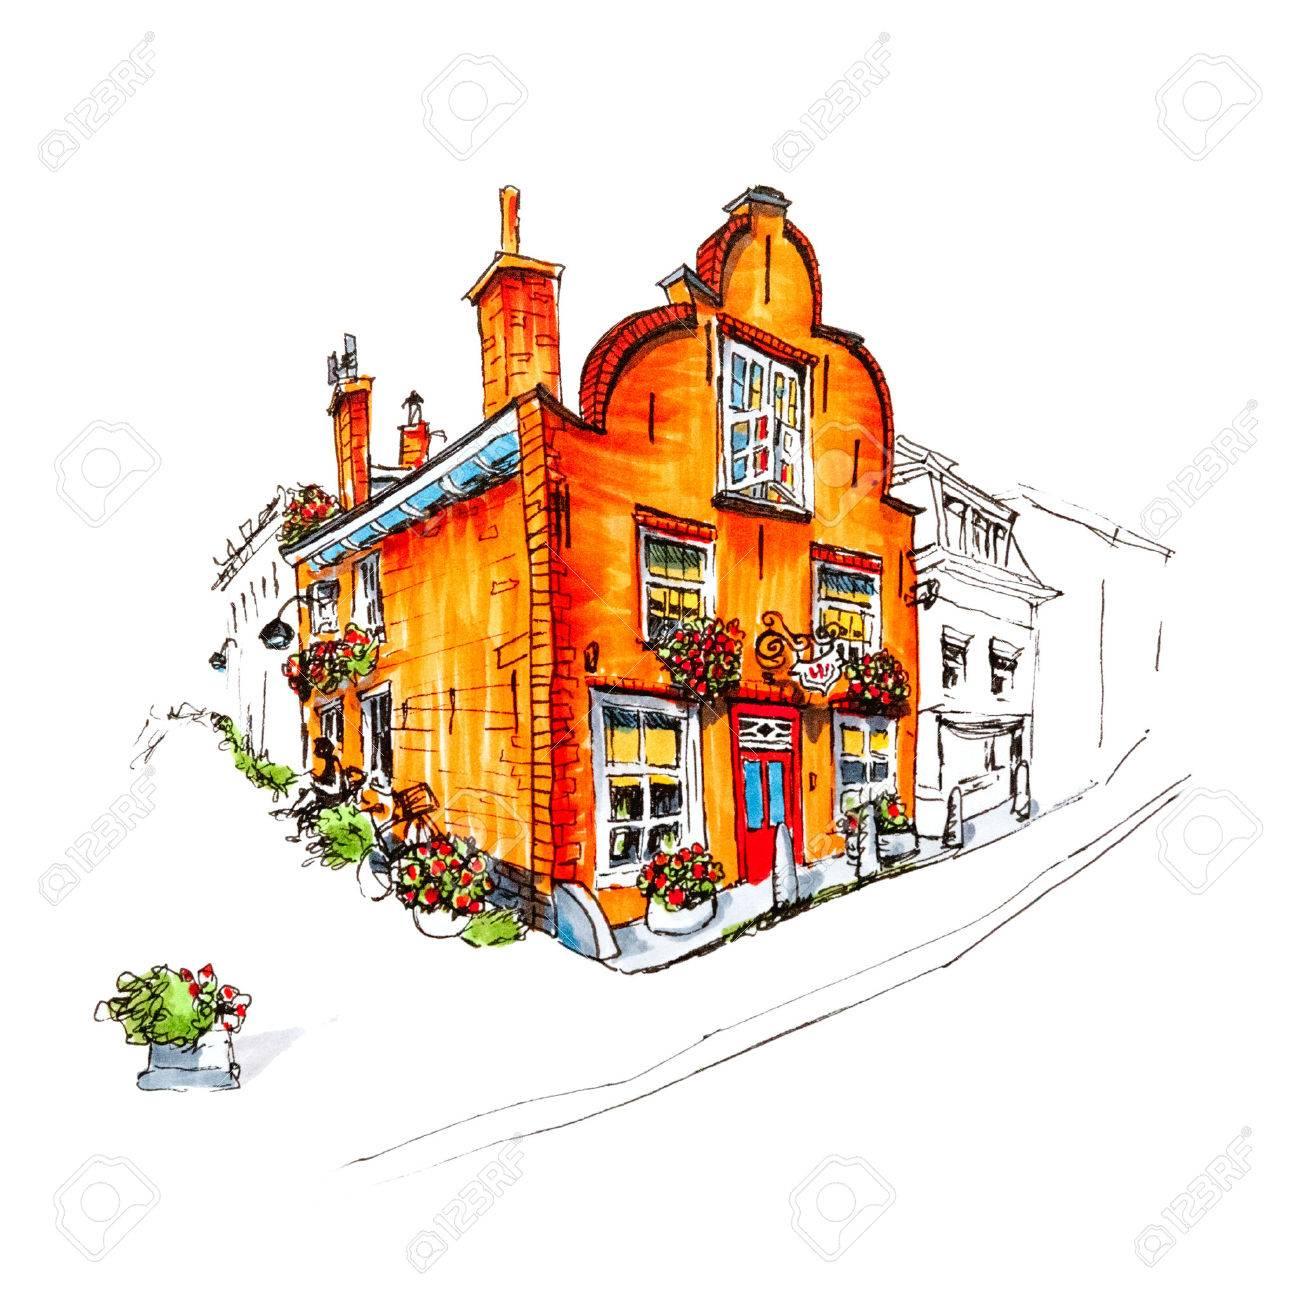 Banque dimages dessin à la main couleur vue sur la ville pittoresque de delft avec une belle maison médiévale hollande pays bas